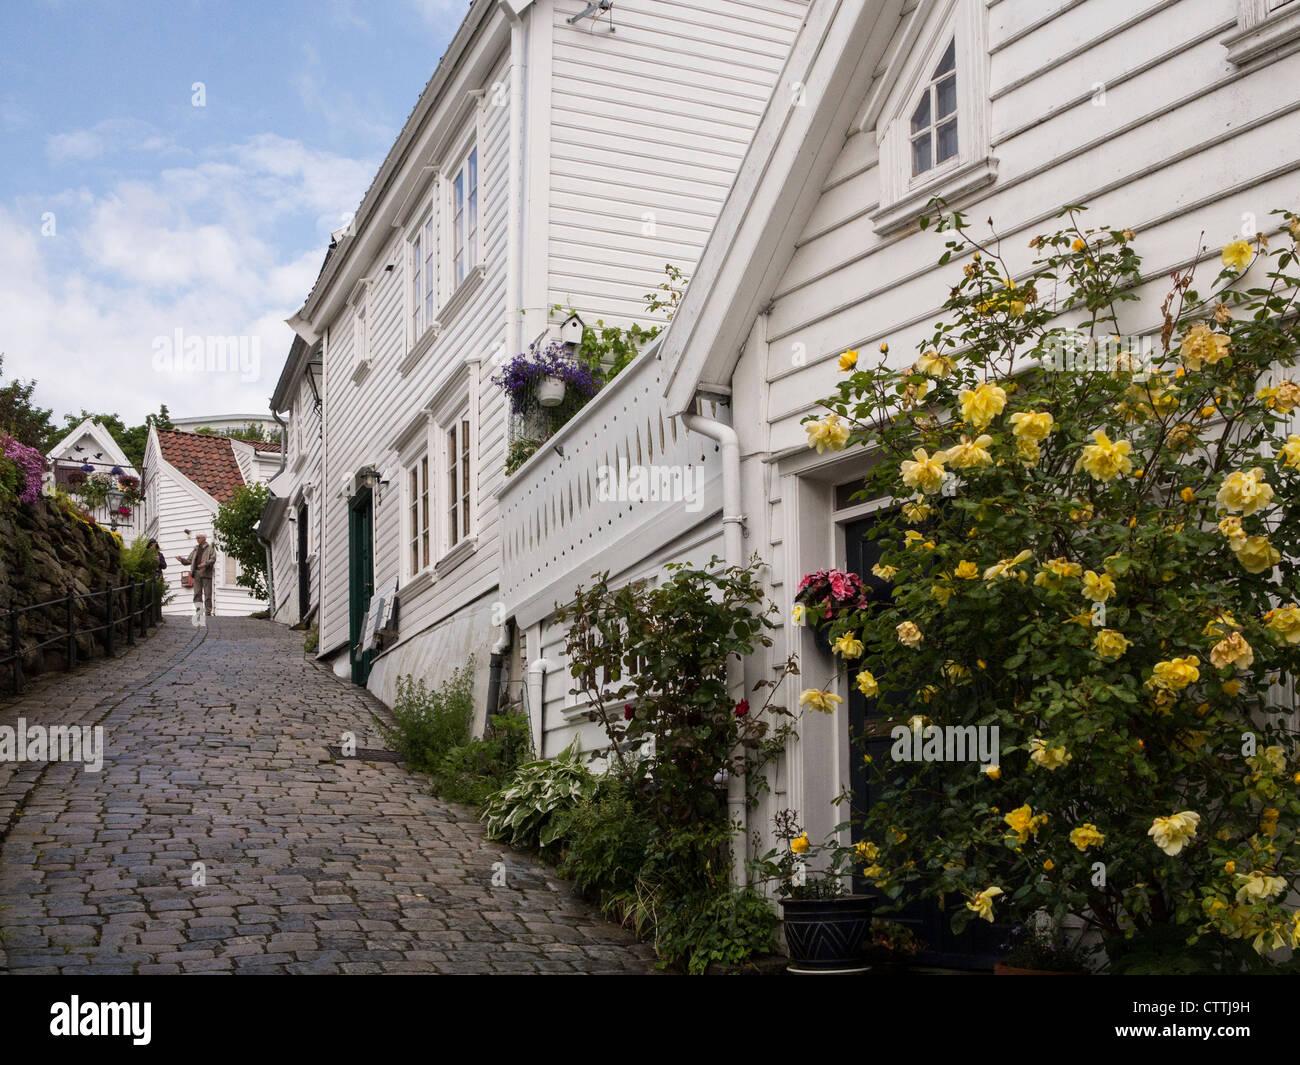 Gamle Stavanger restored 18c. wooden merchant's house Stock Photo